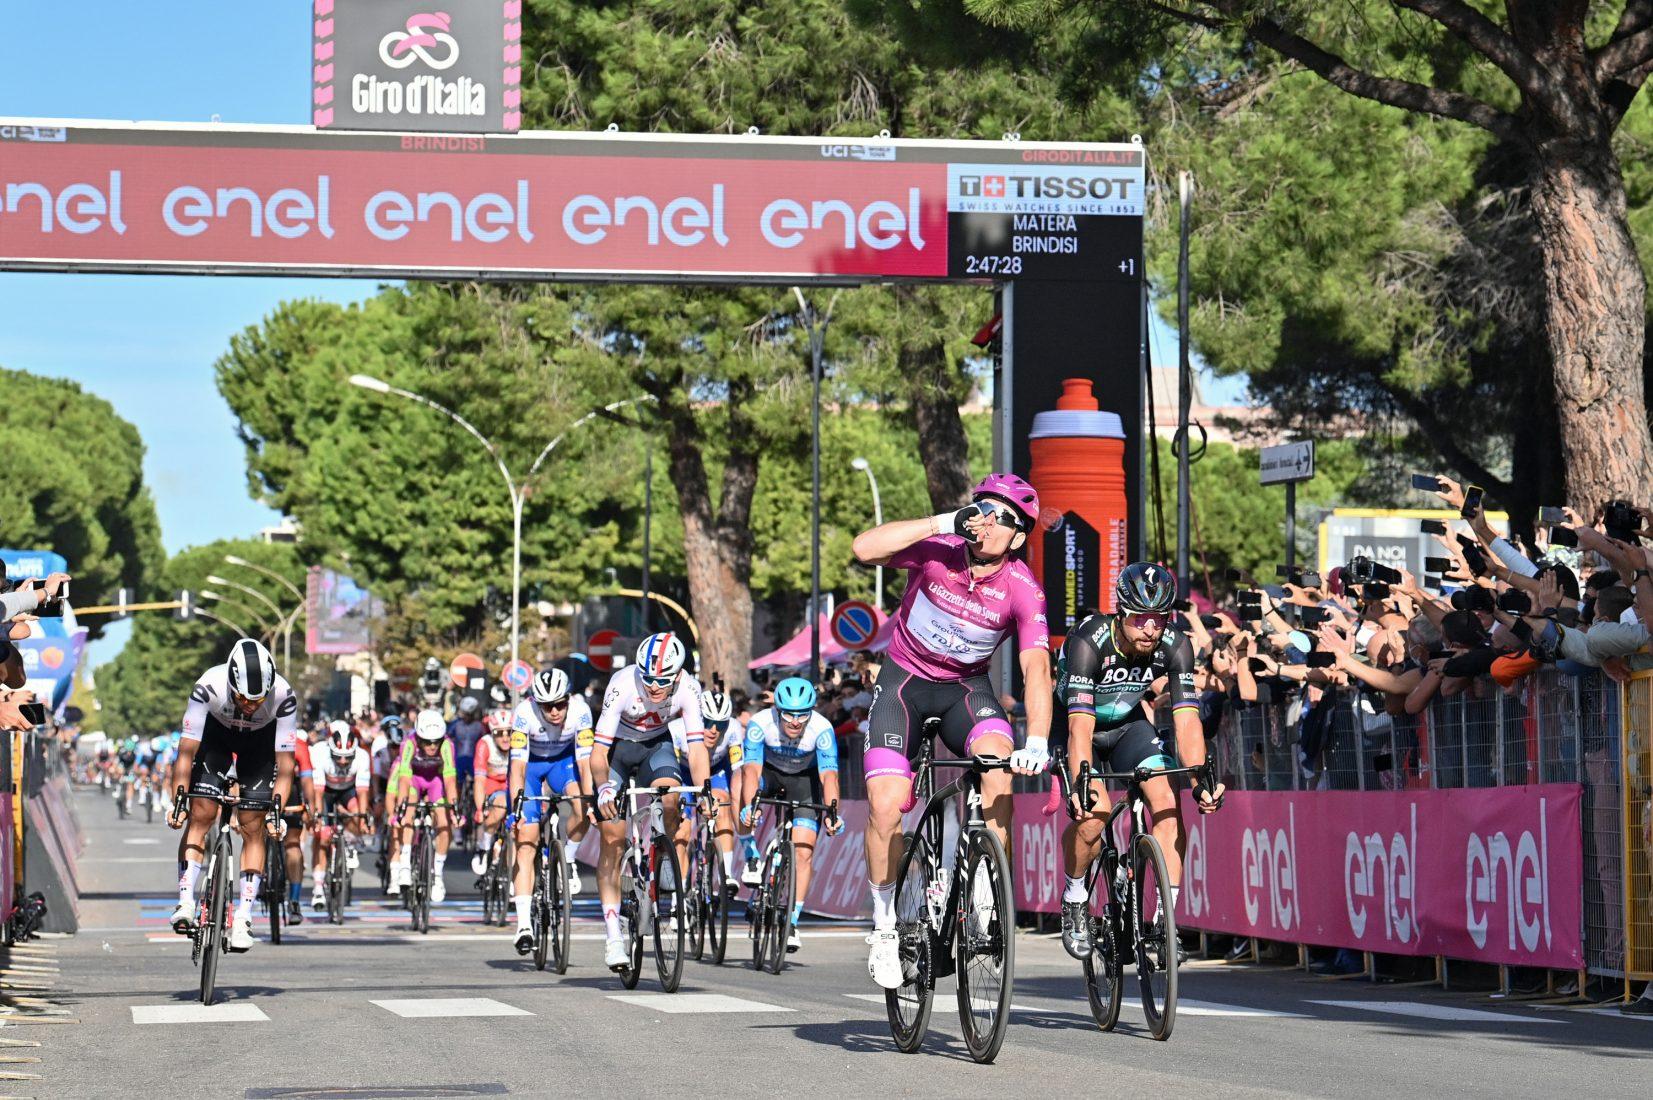 Giro 2020: Brindisi per il tris di Démare. 51,234 km/h: è la media record per una tappa in linea del Giro